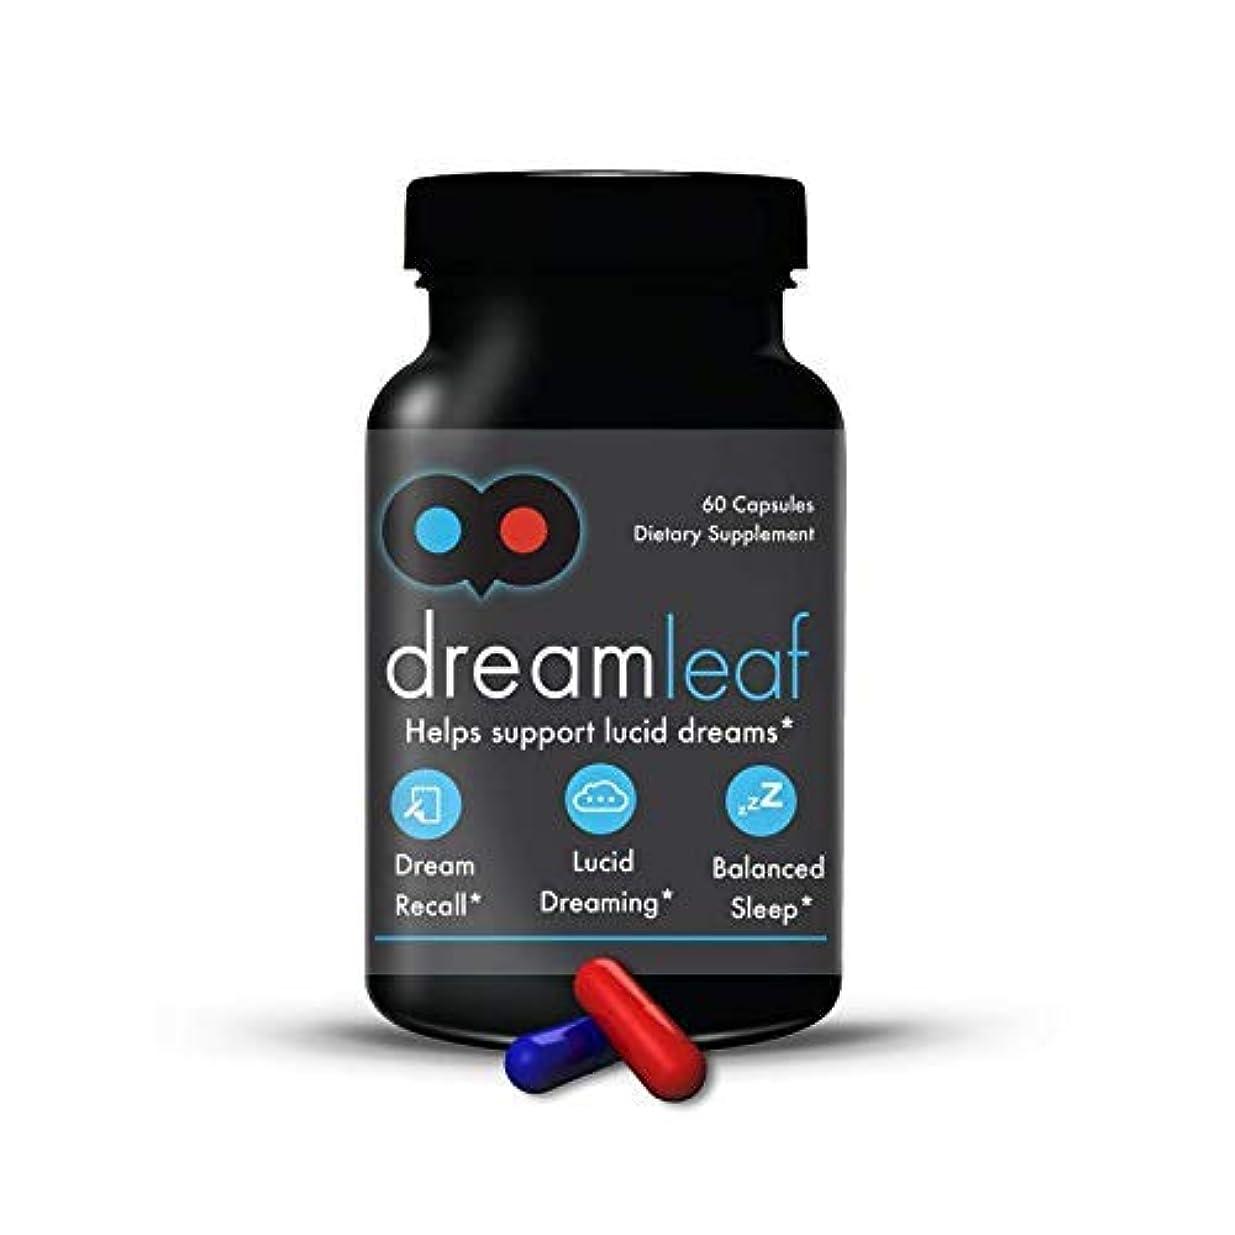 適応起きろ反射Dream Leaf プロ - プレミアム 明晰夢 サプリメント 60 カプセル